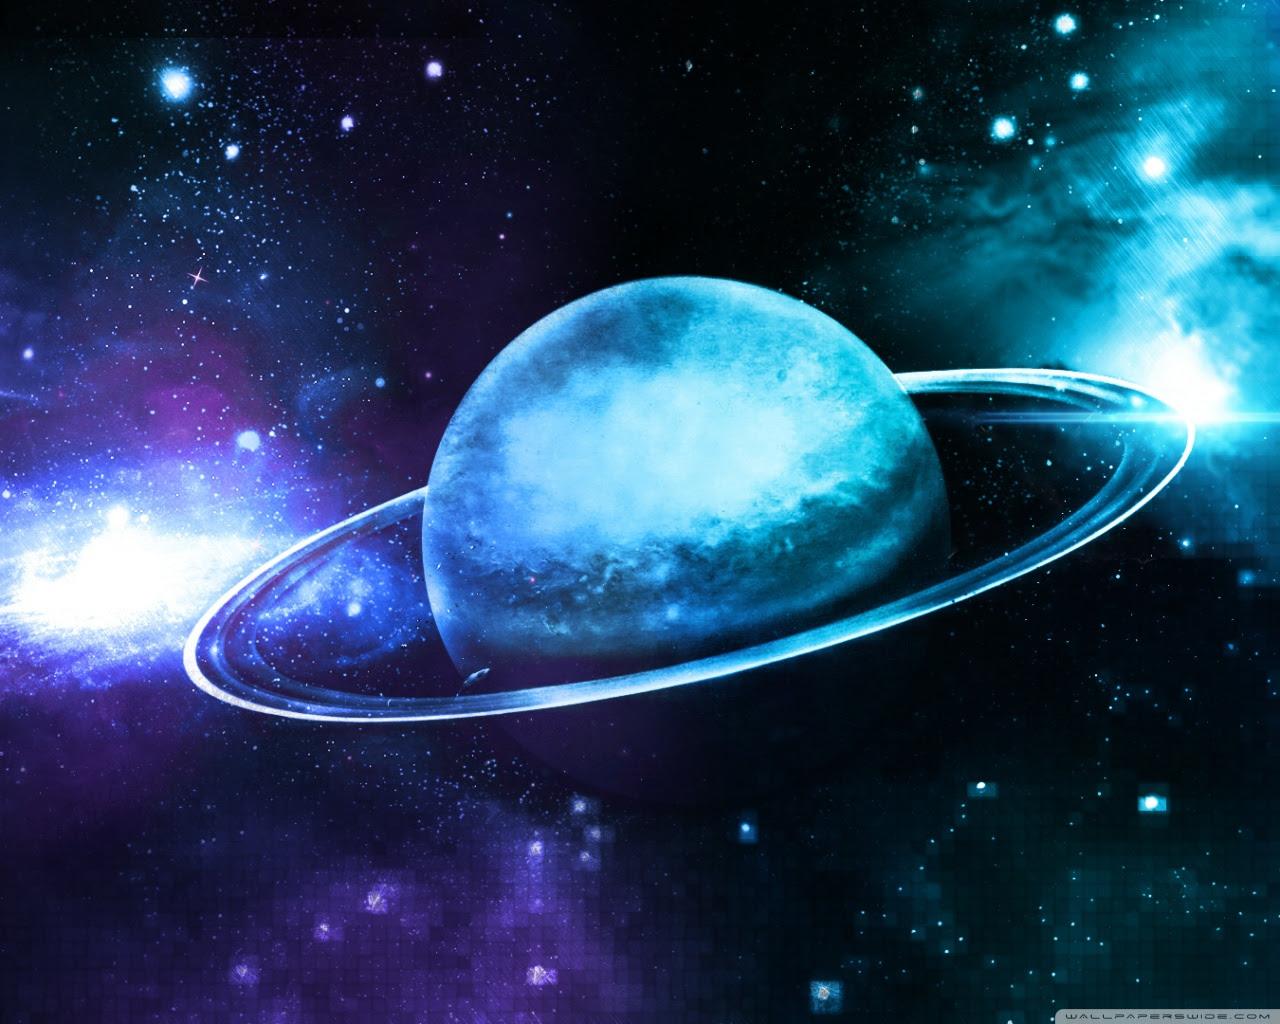 uranus planet images - HD1280×1024